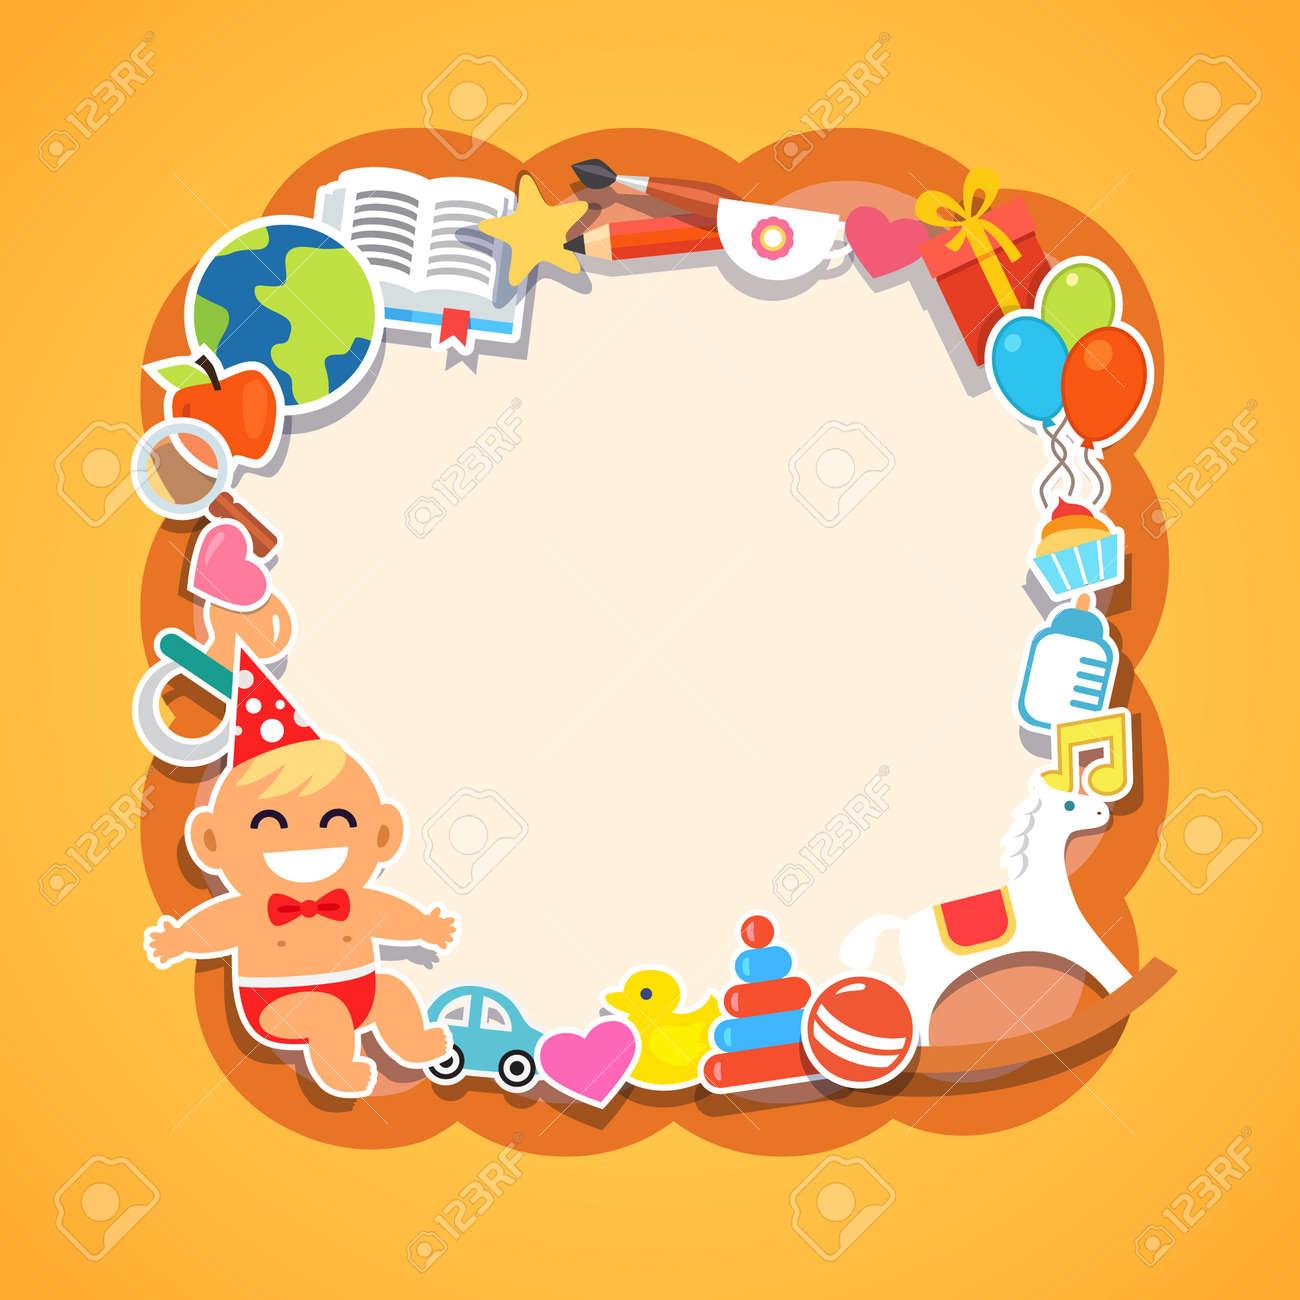 Cartoon Kids Frame Baby Shower Children Party Birthday Or